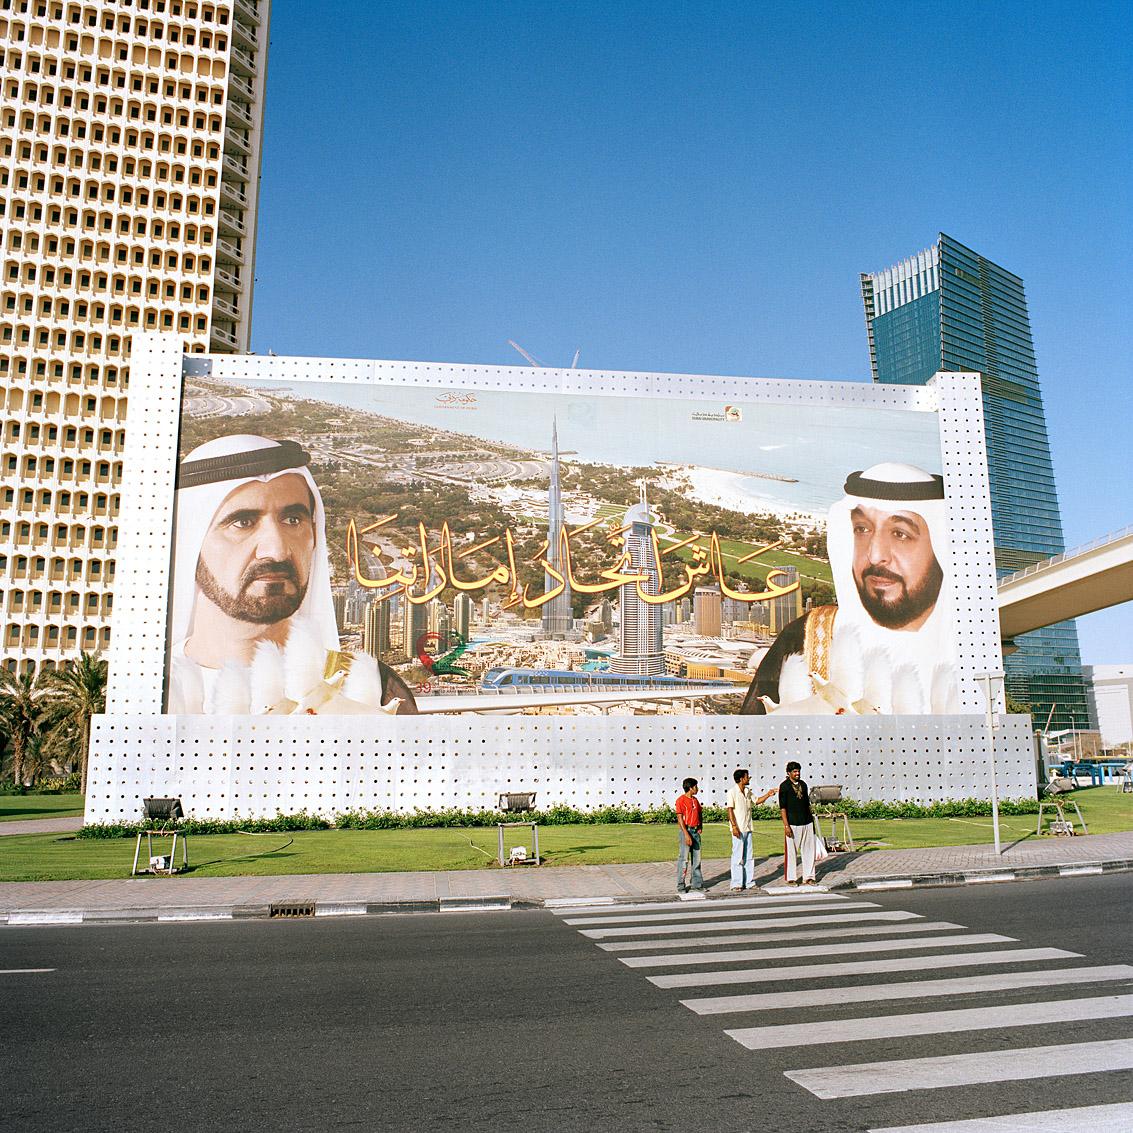 Affichage à la gloire du Cheikh Mohammed et du Cheikh Khalifa dans le quartier du World Trade Center; Dubaï.